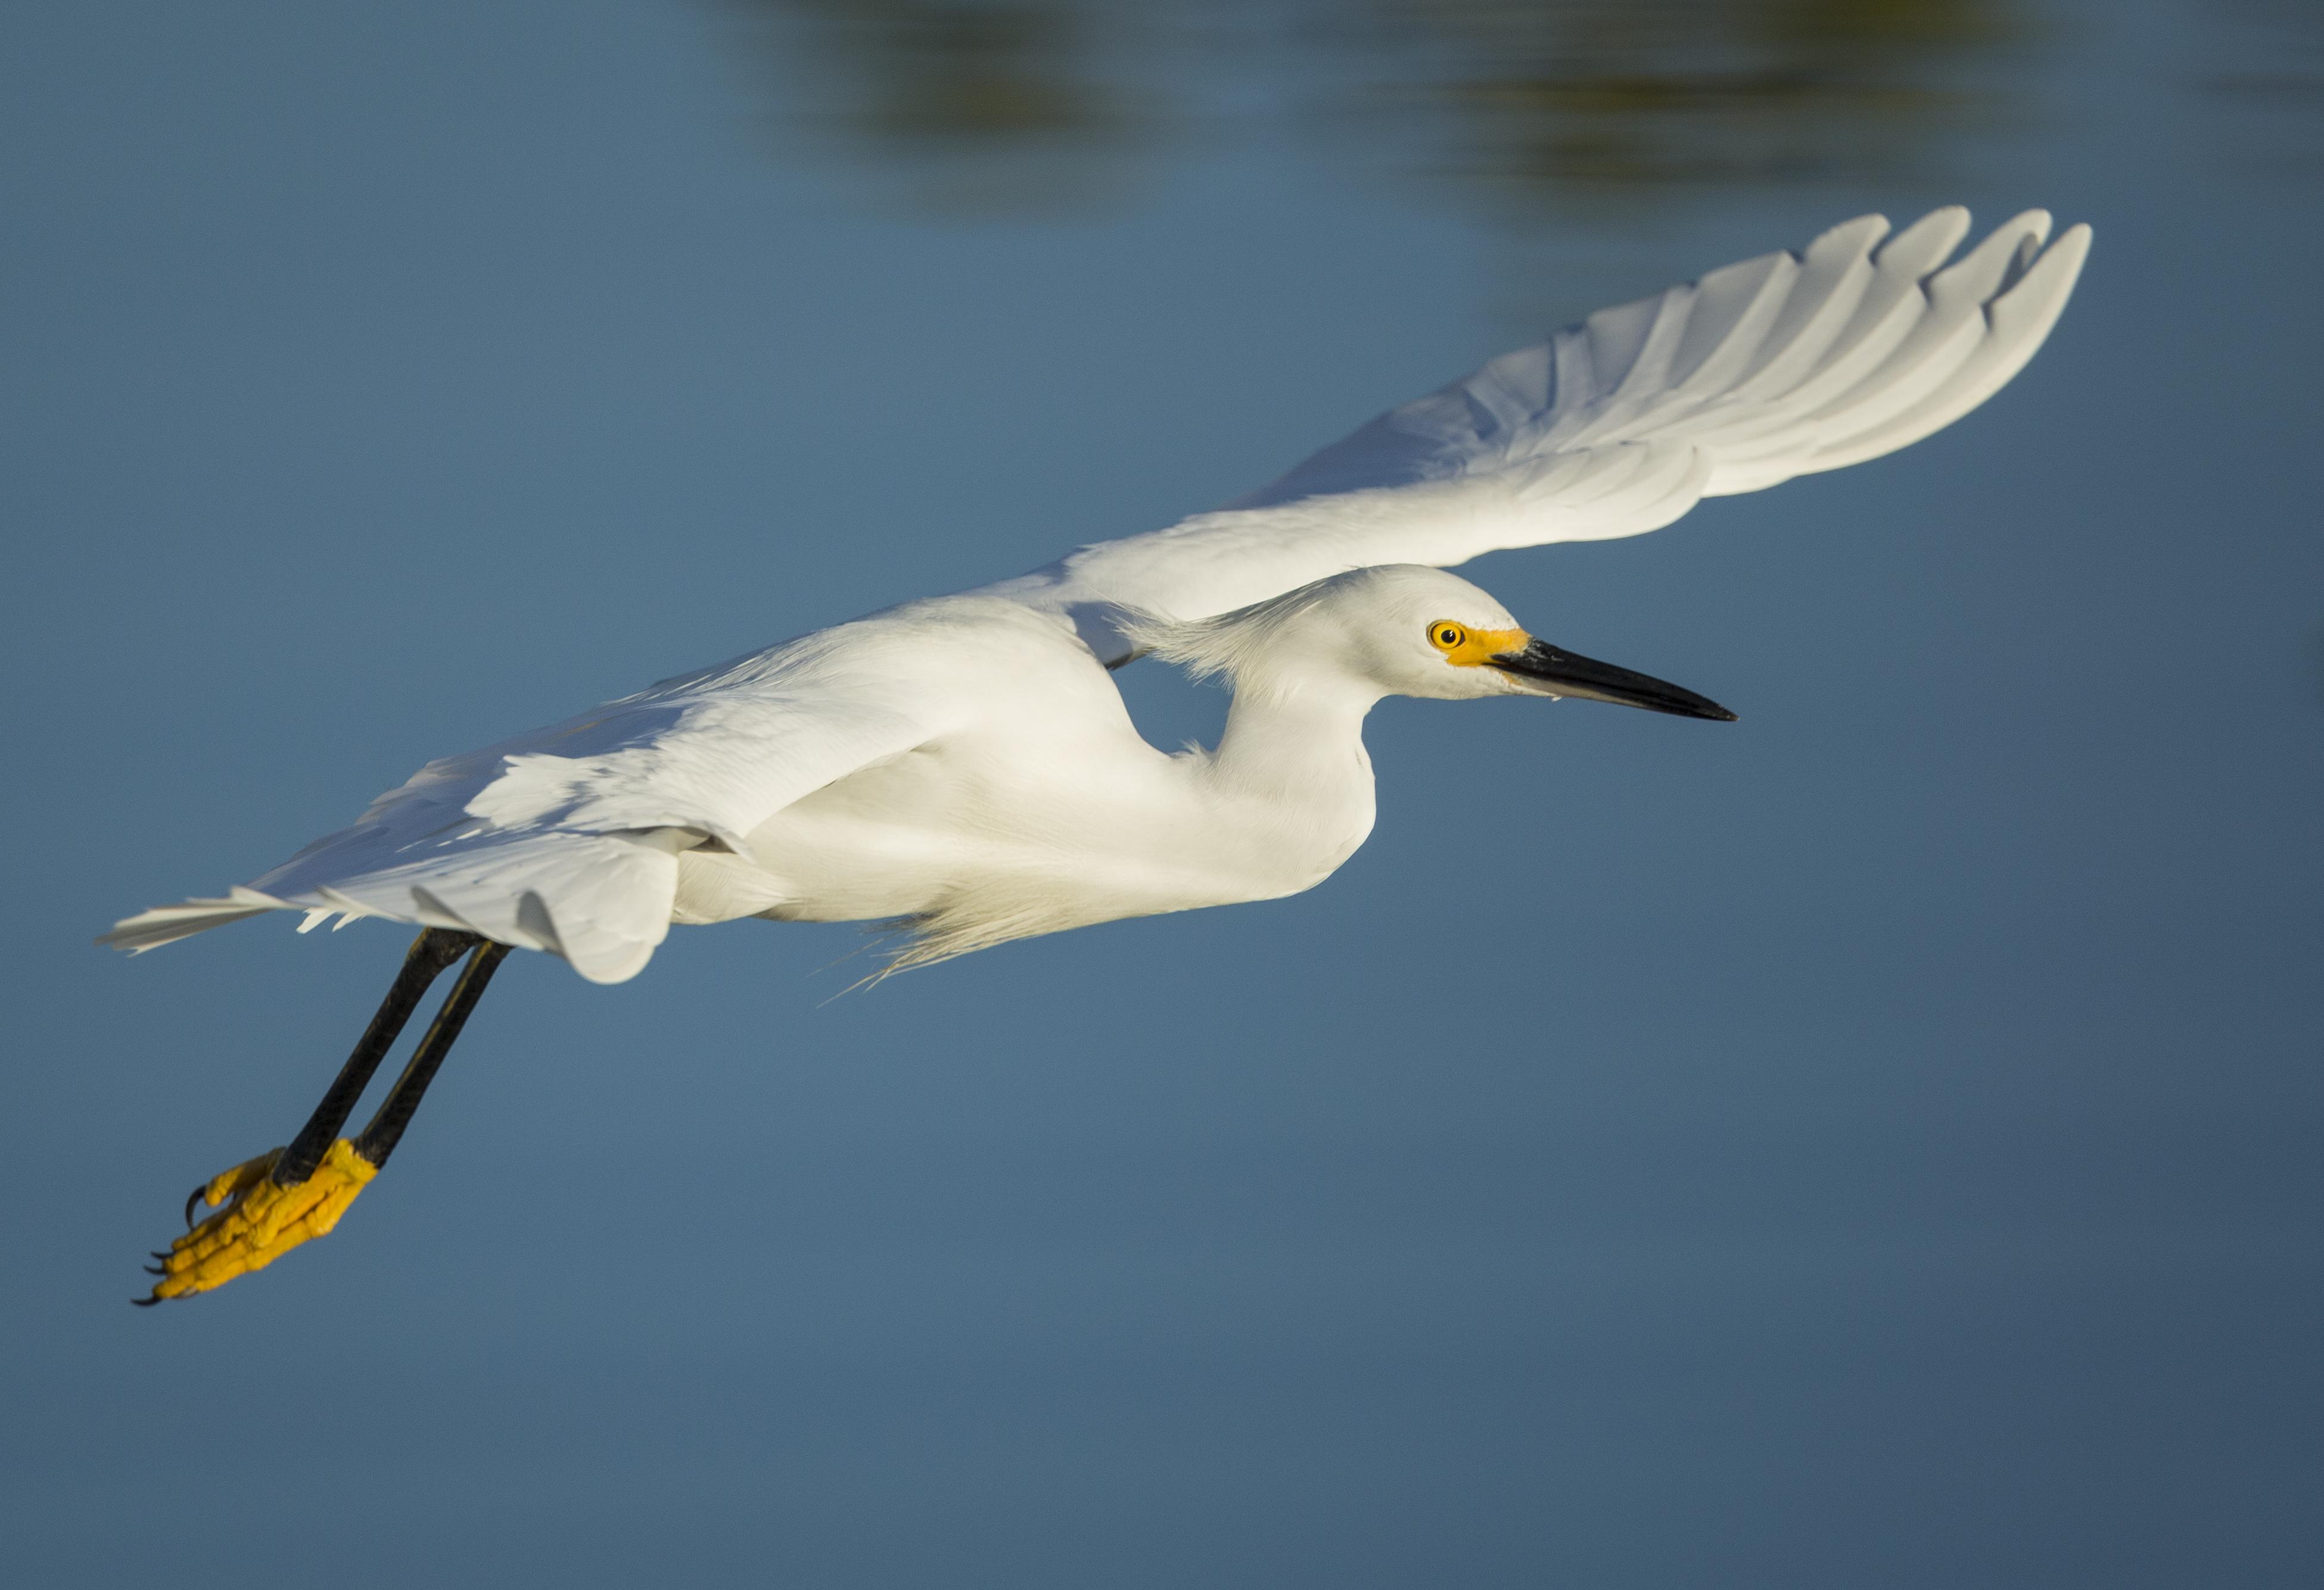 Snowy Egret. Photo: Lindsay Donald/Audubon Photography Awards.